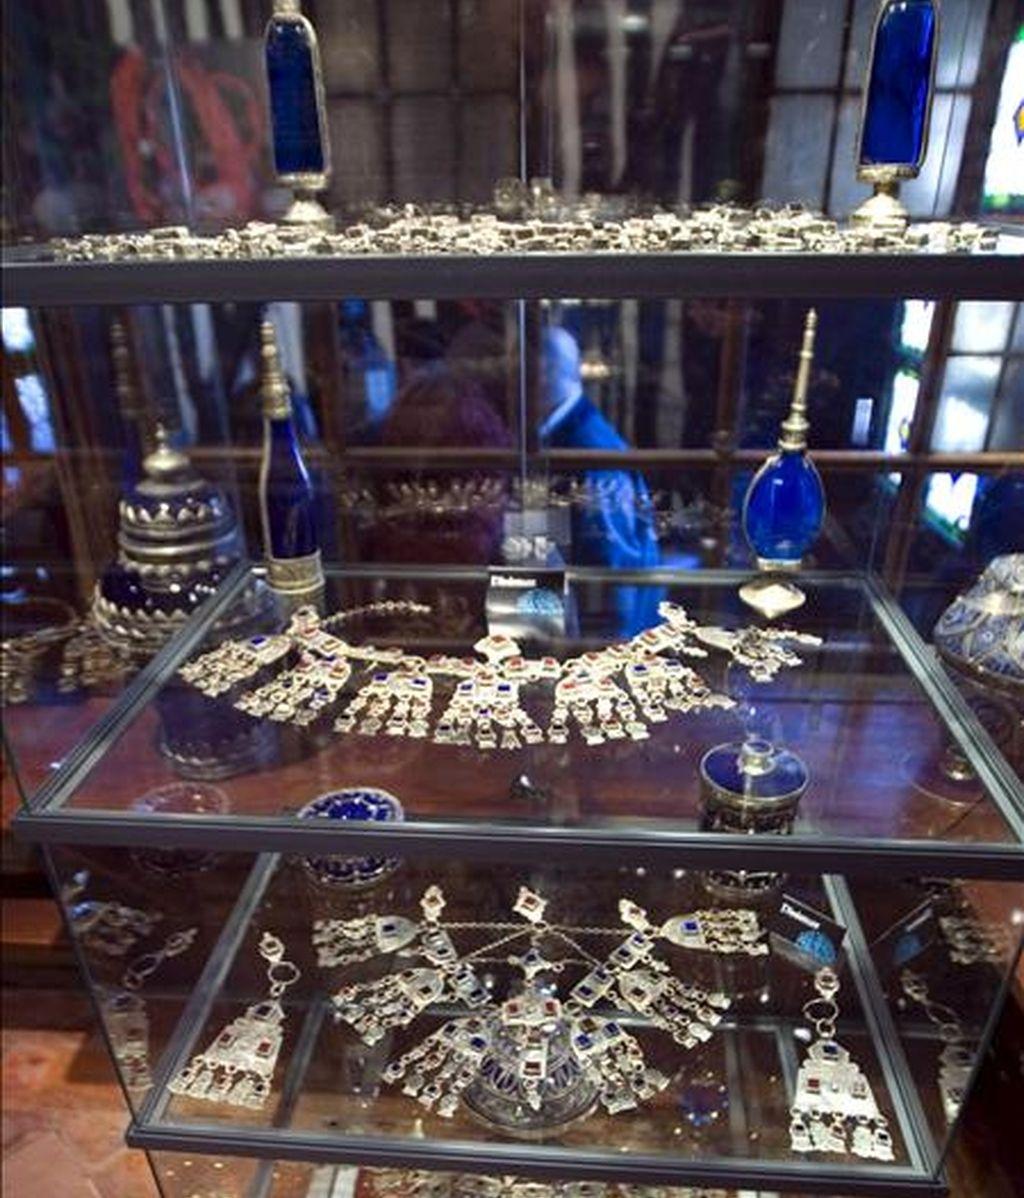 """Detalle de varias de las joyas que forman parte de la exposición """"Las joyas del Rif"""", una muestra de la multiculturalidad nacida de la convivencia entre judíos, árabes y cristianos, que se puede visitar en Vitoria. EFE"""